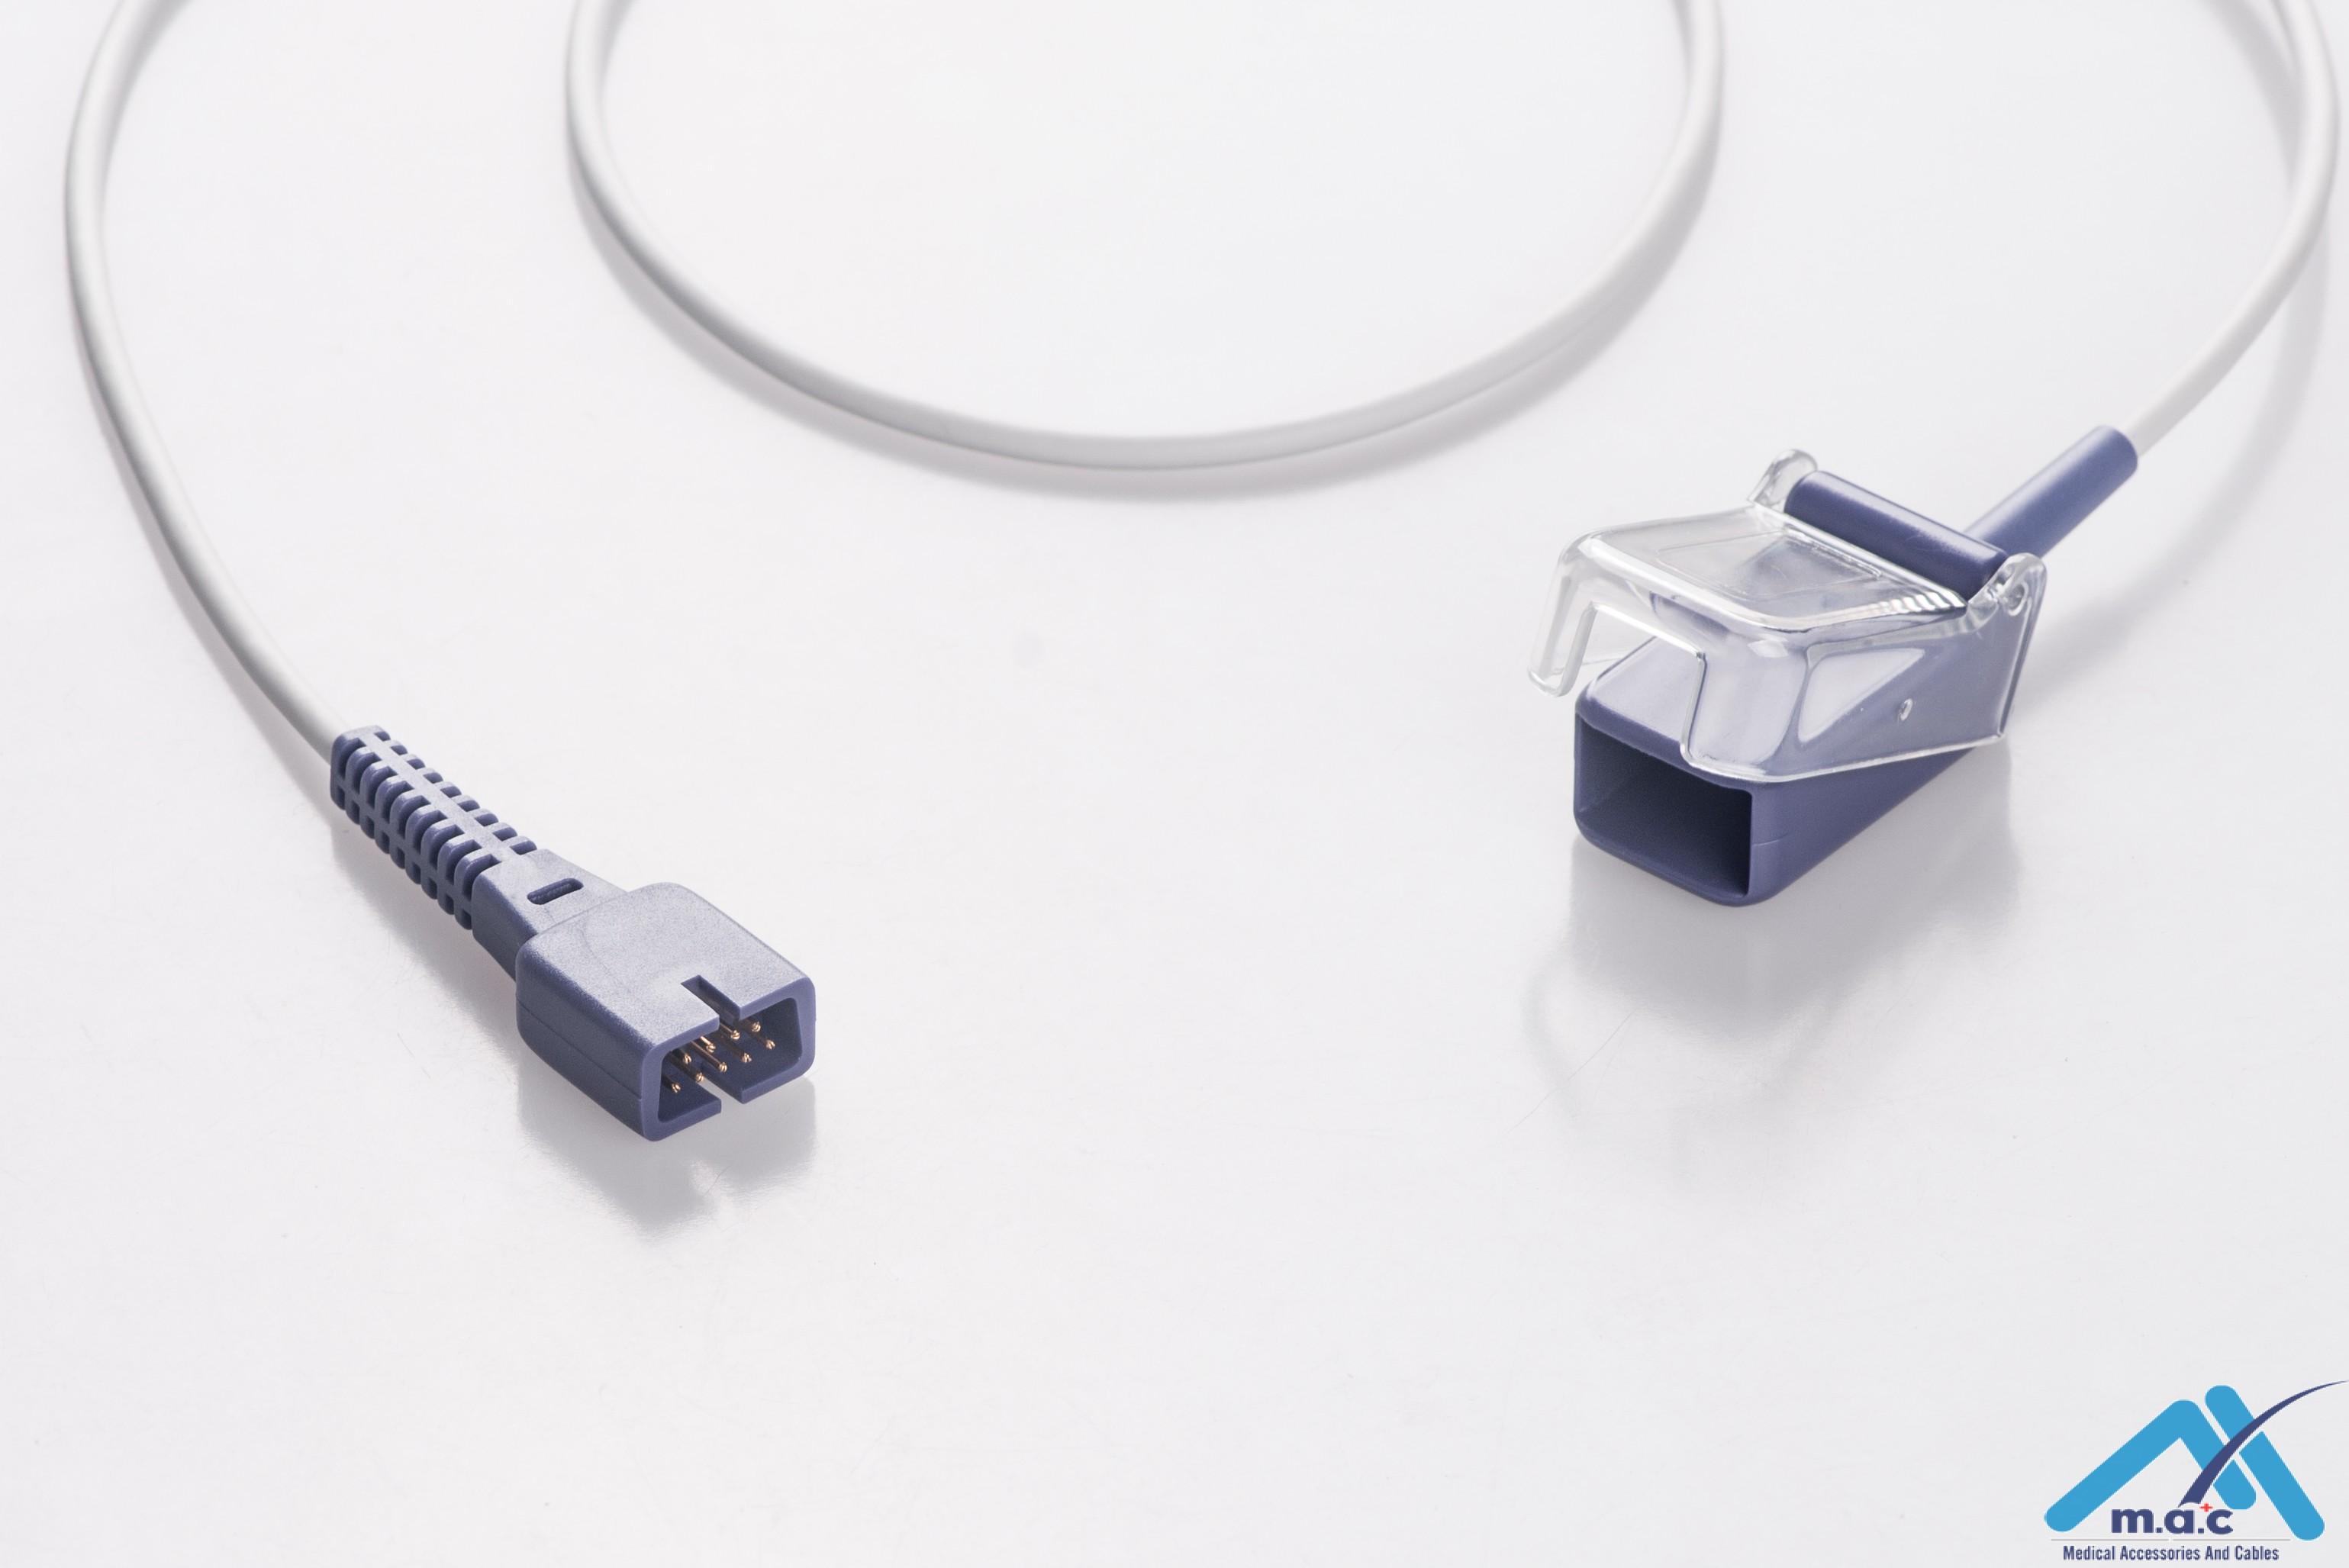 Coviden - Nellcor compatibility Interface Cable U7M04-71